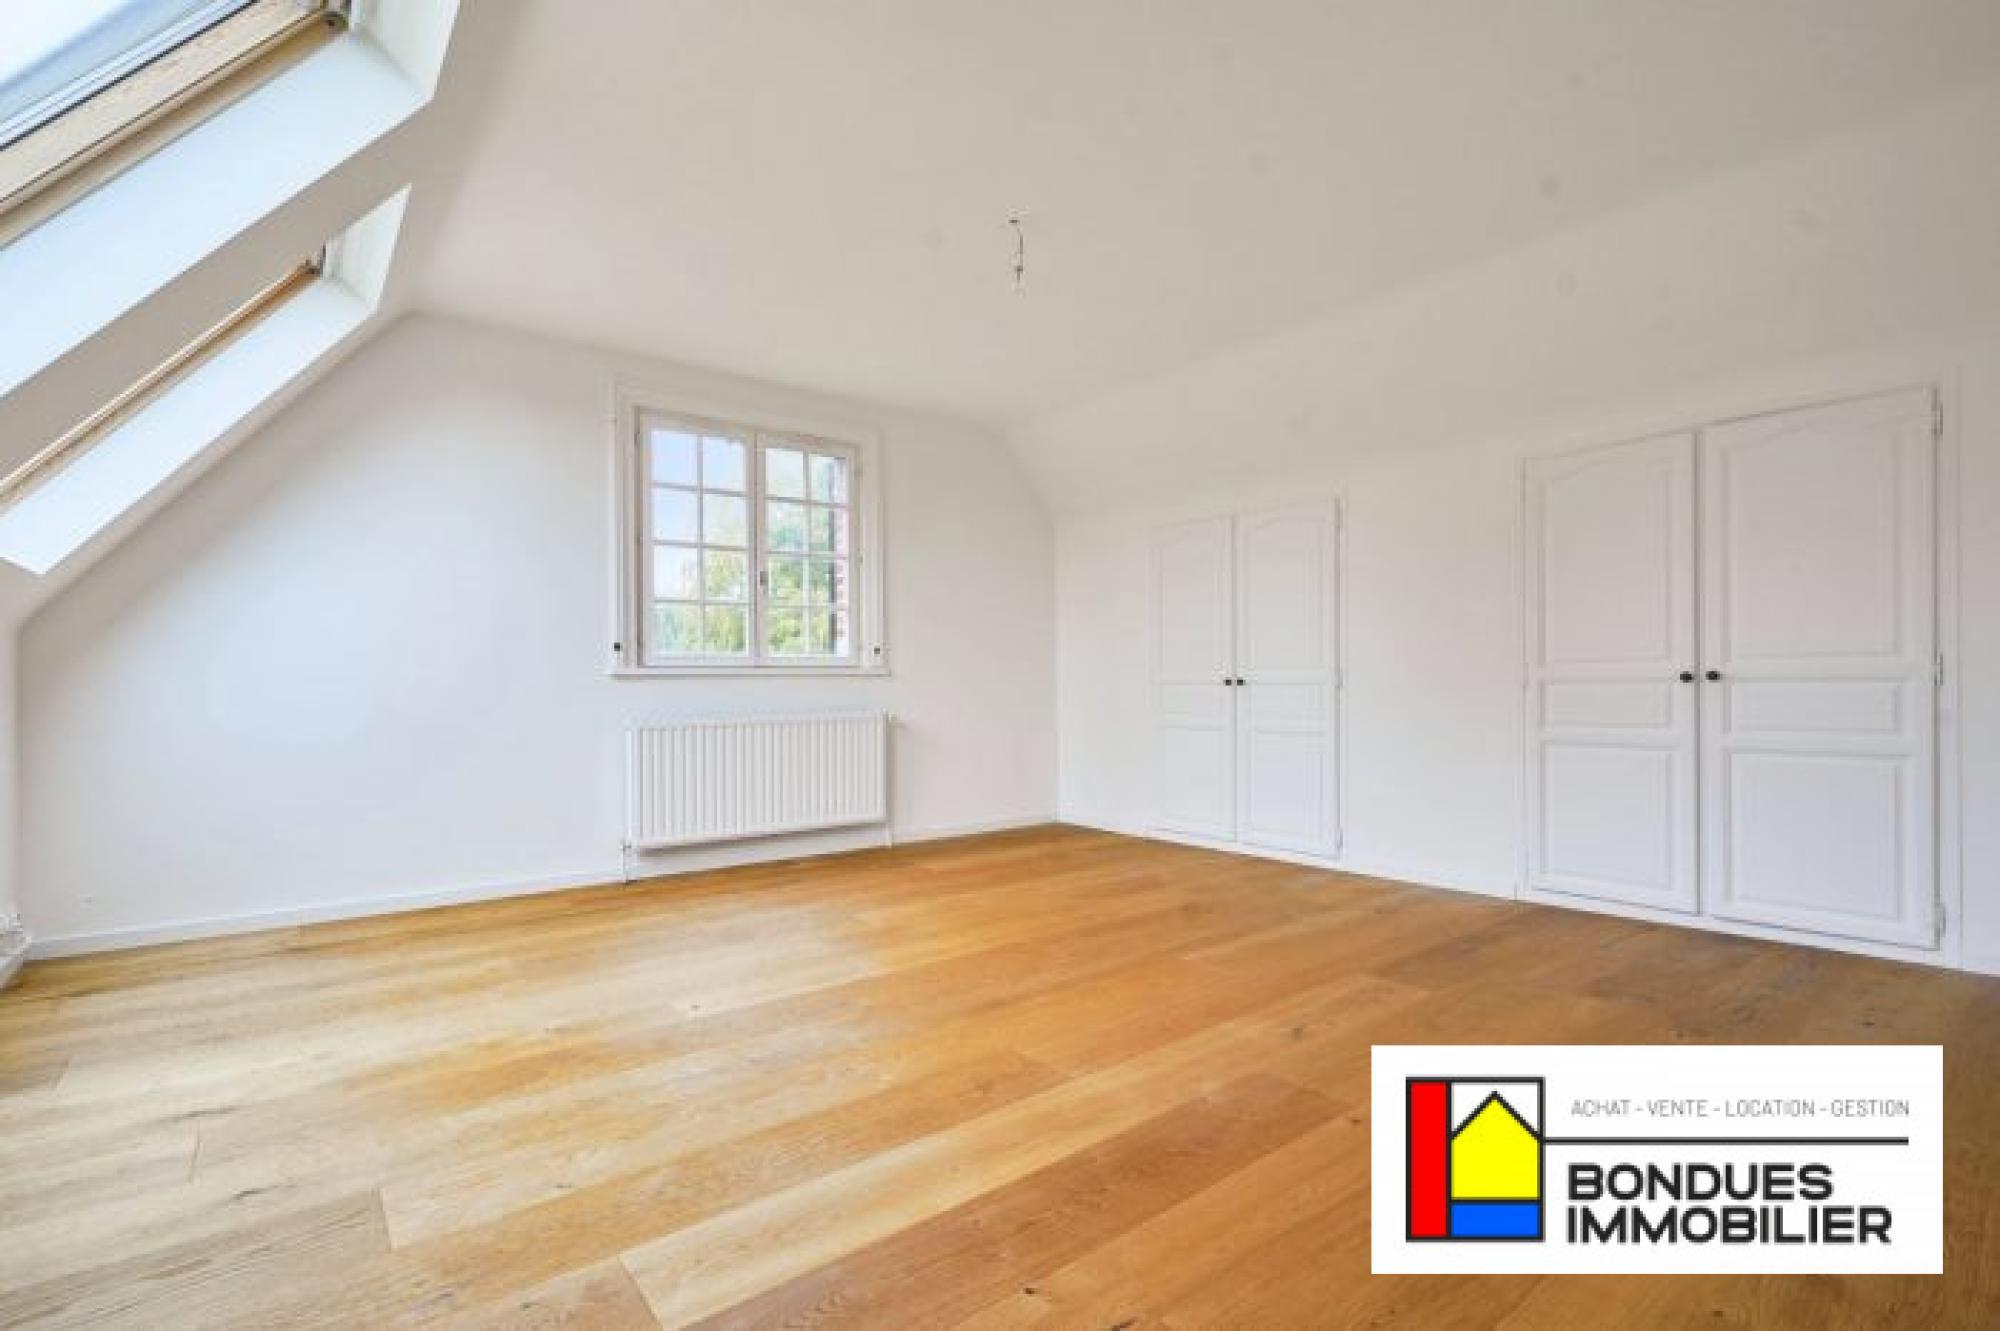 vente maison bondues refVM420 (15)